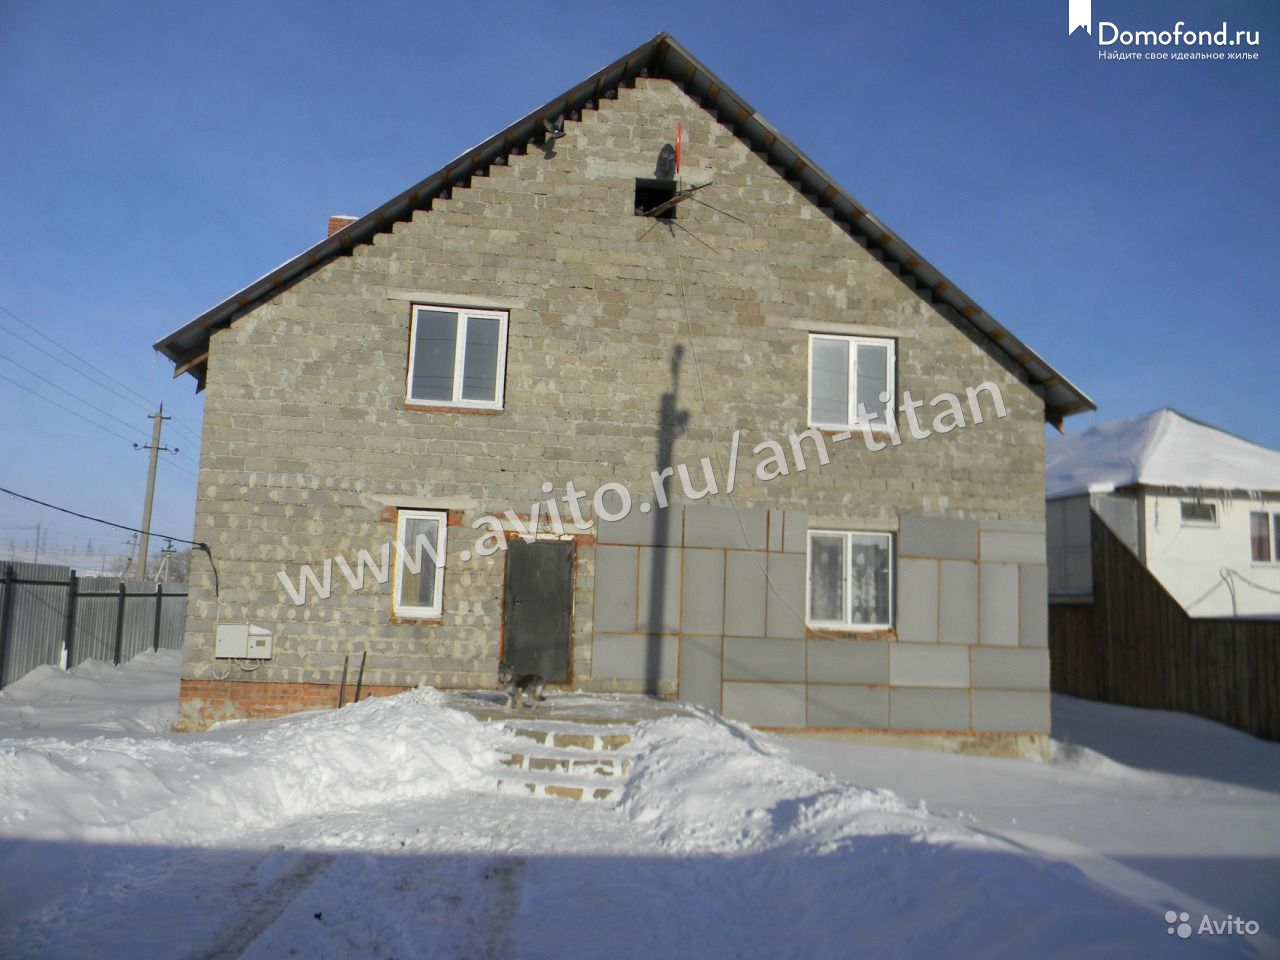 74fb266bc0b51 Купить дом в городе Татарская Каргала, продажа домов : Domofond.ru